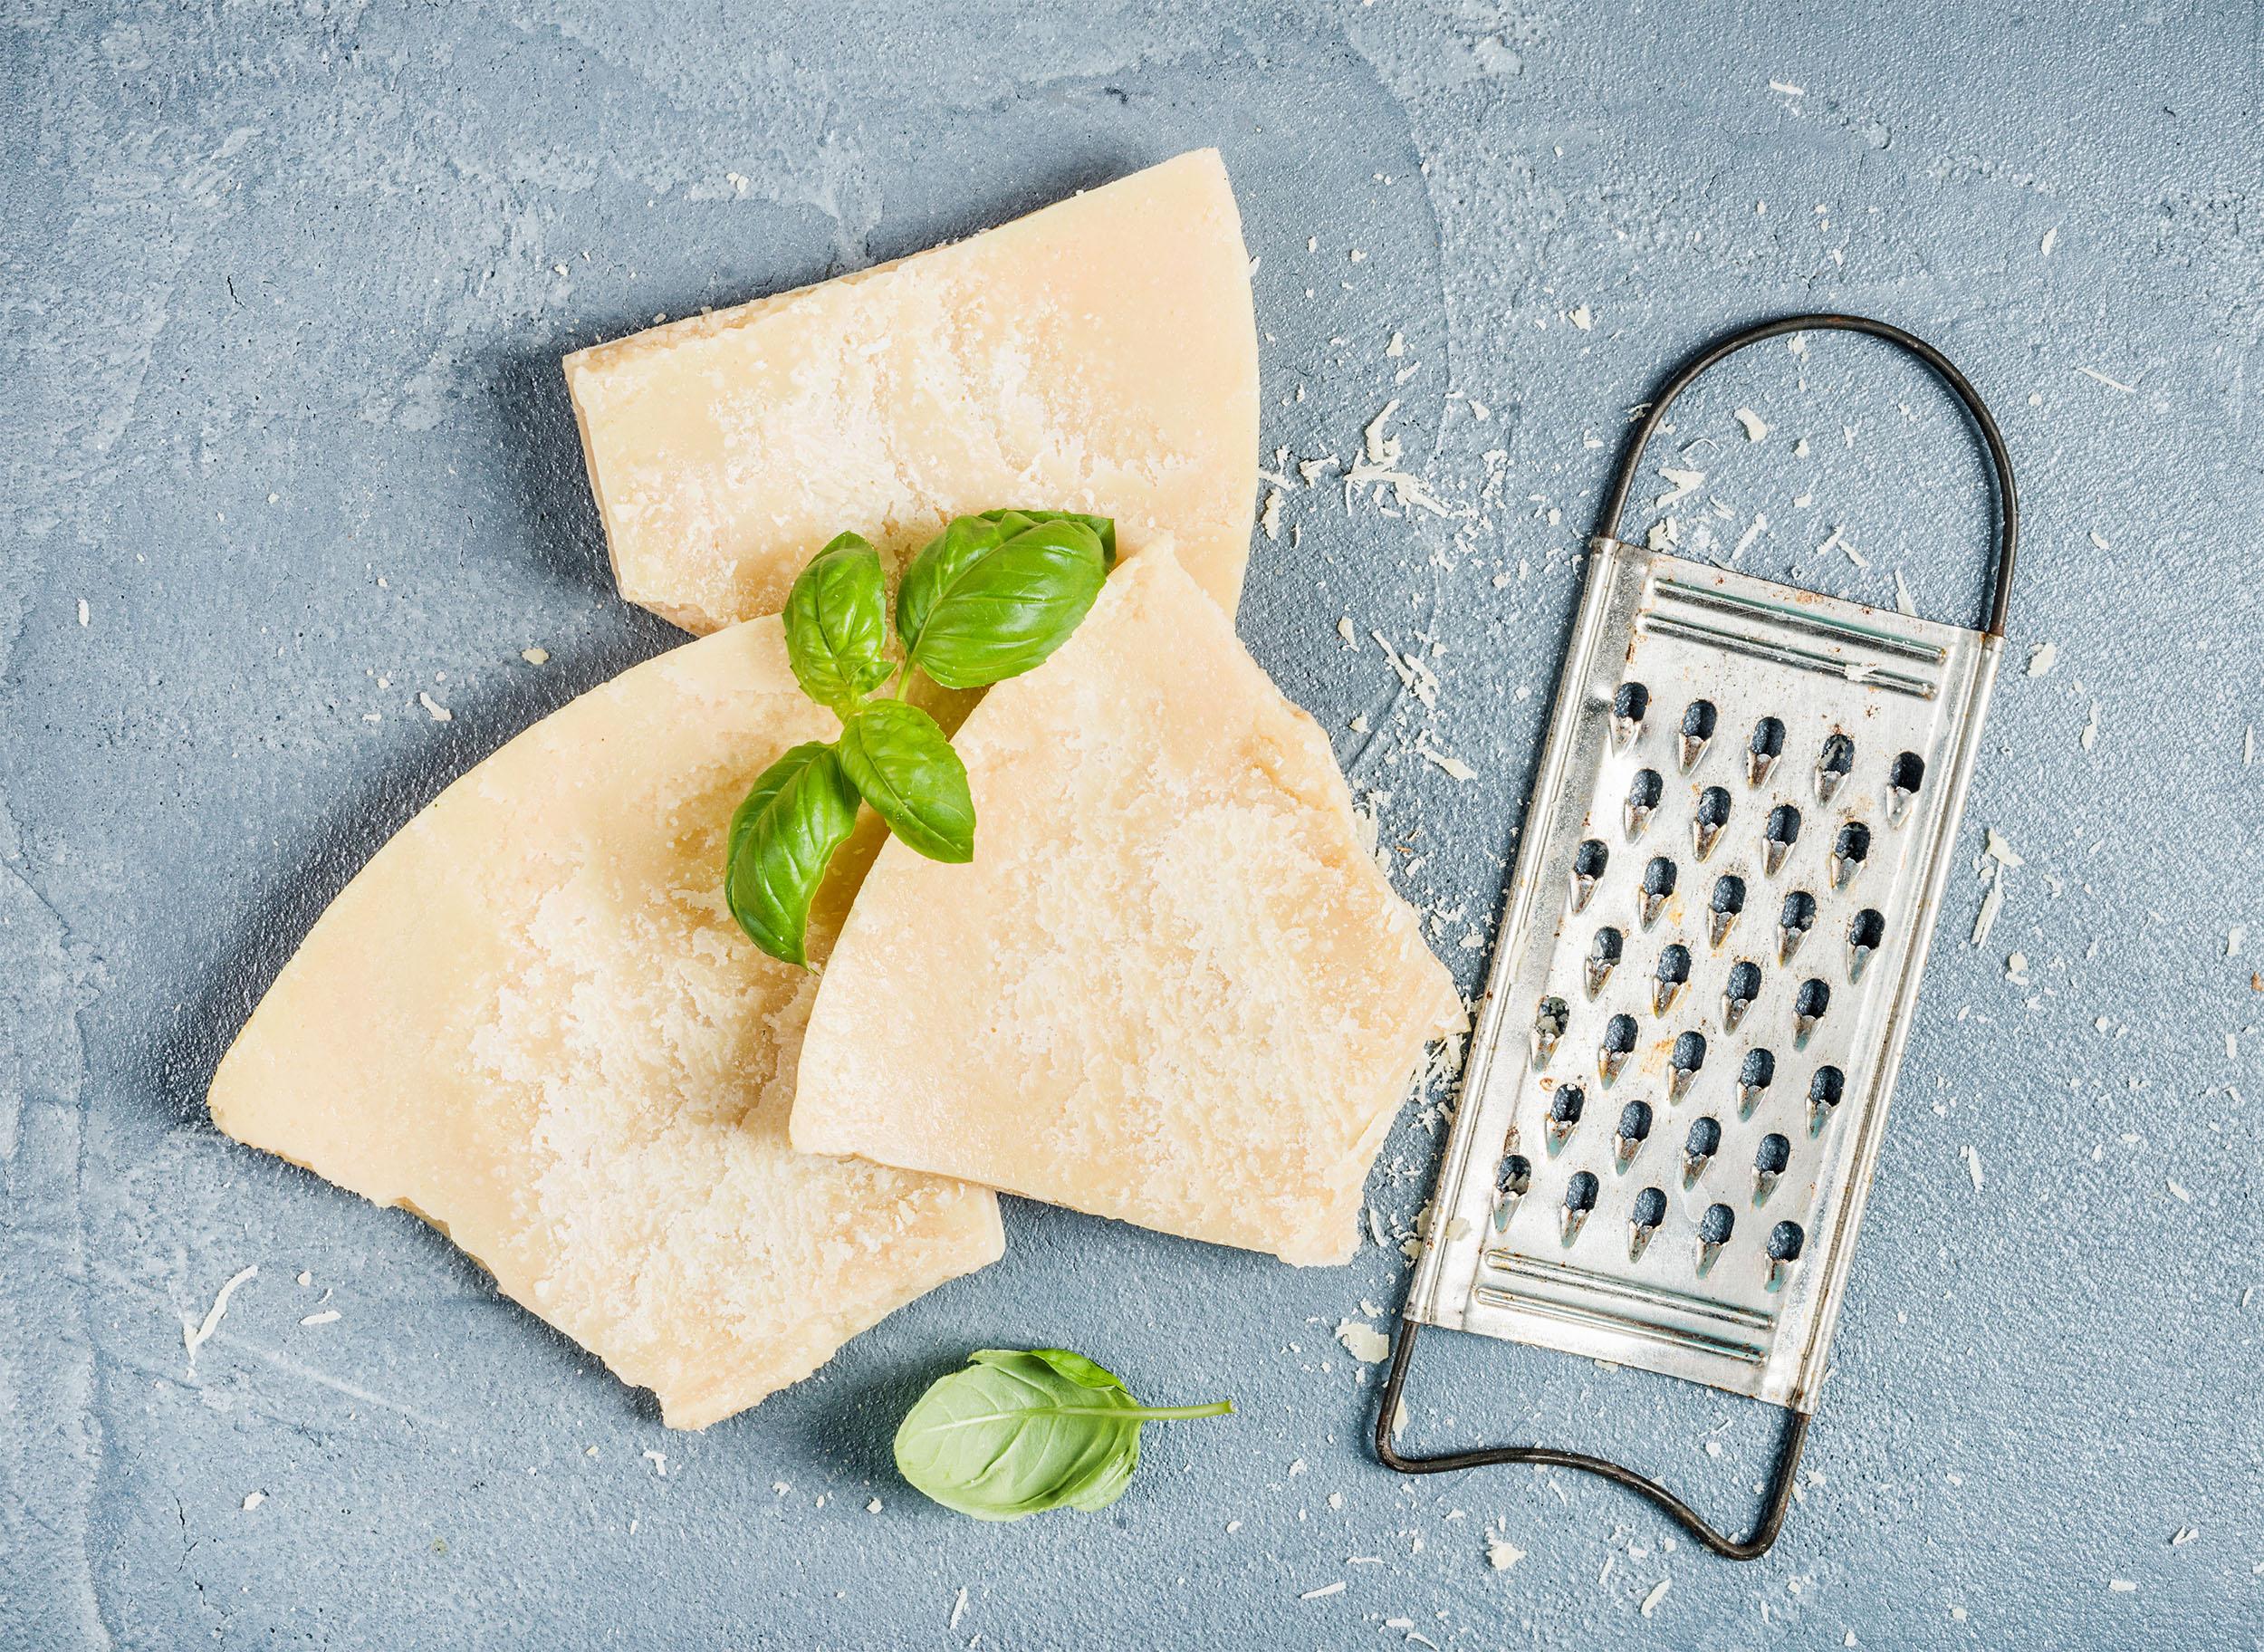 Scheiben von Parmesan Käse auf einer hellgrauen Steinplatte